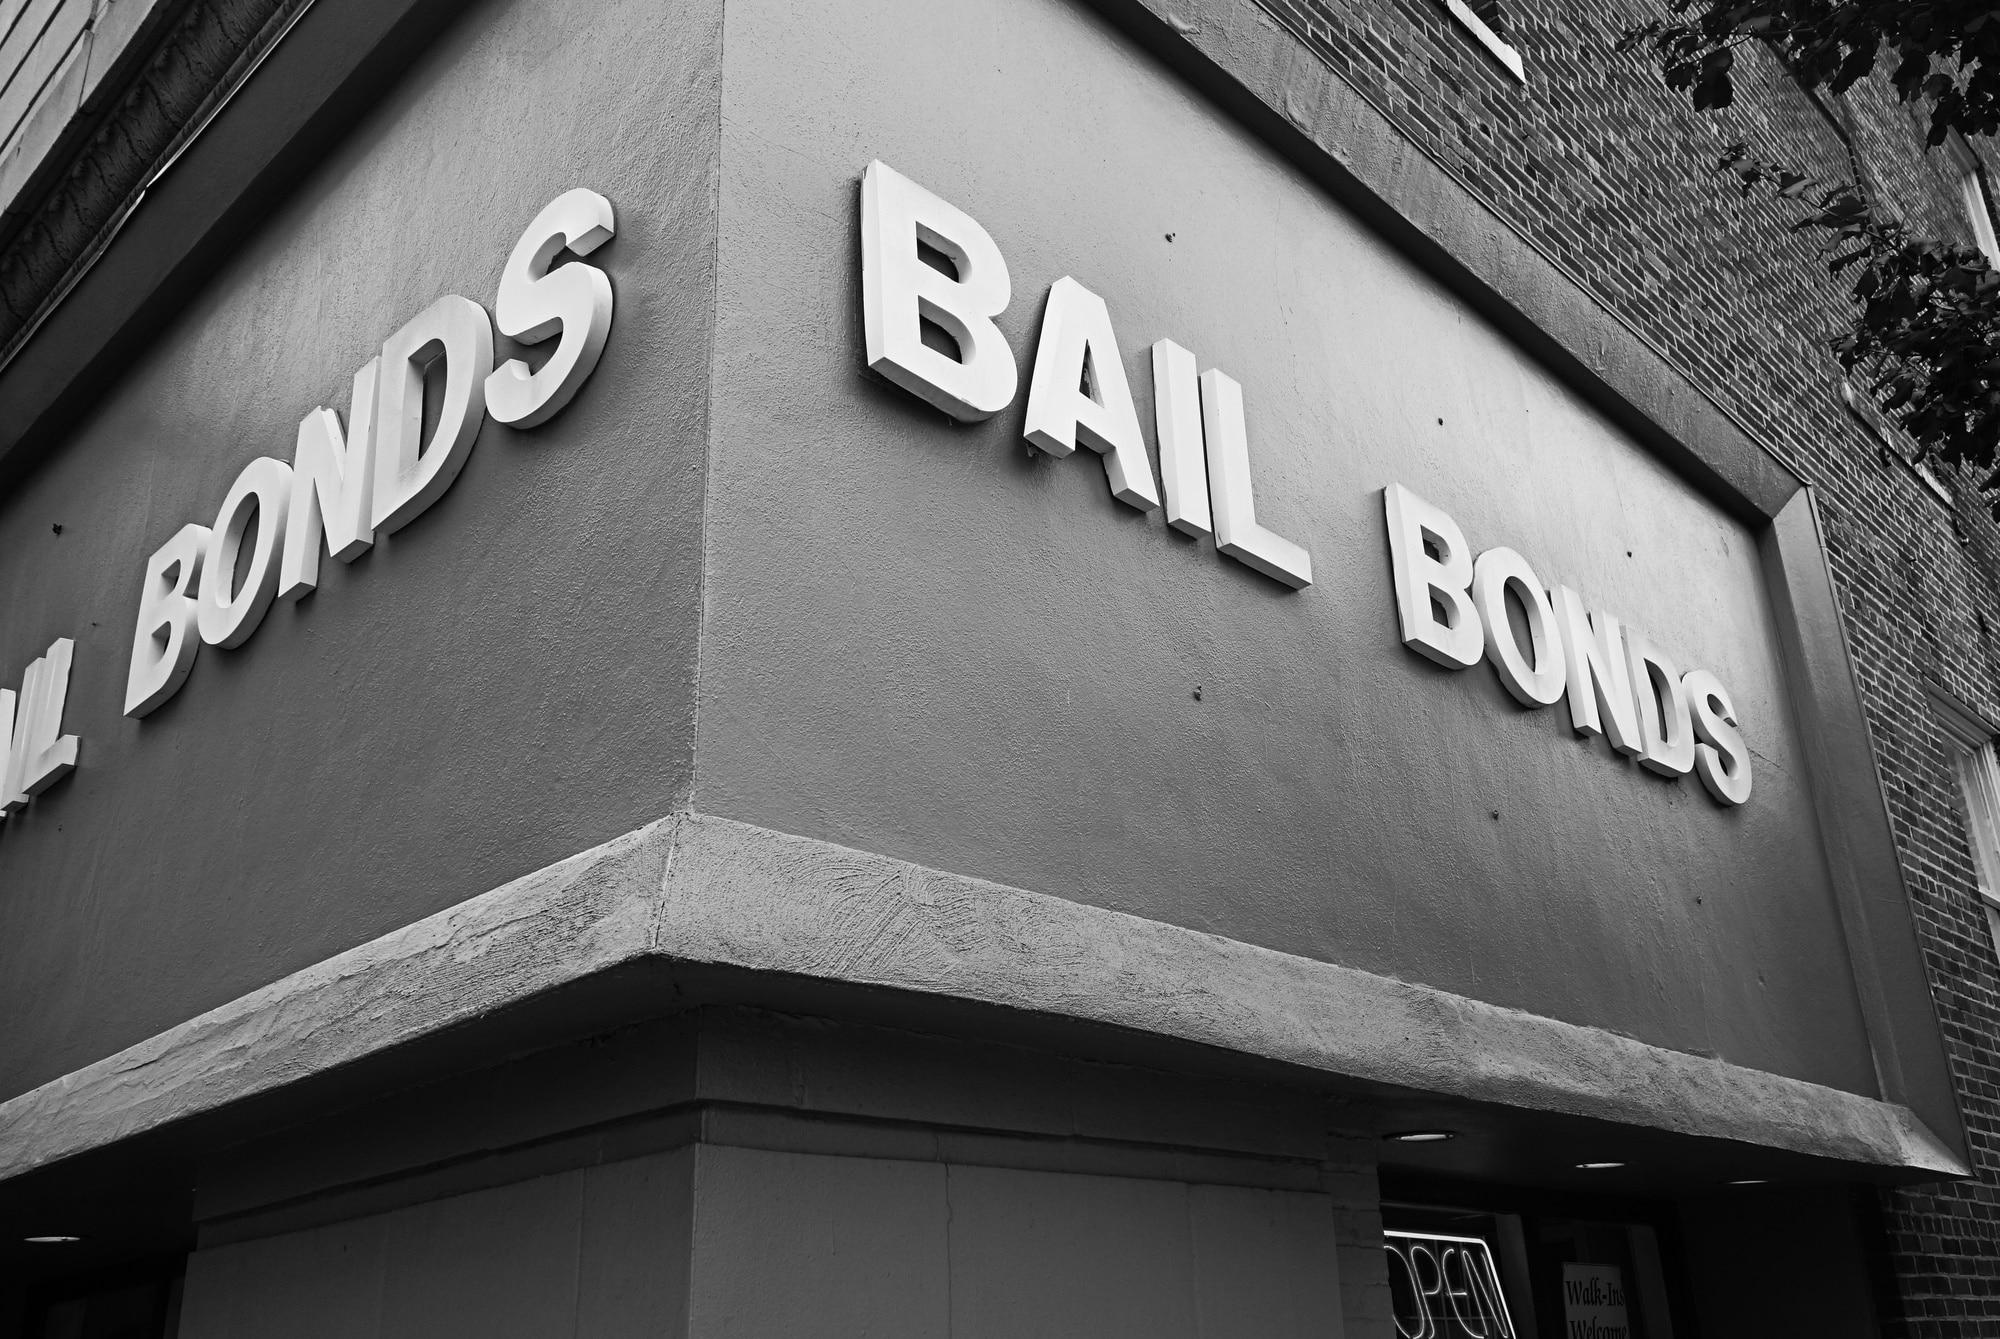 Bail bond,